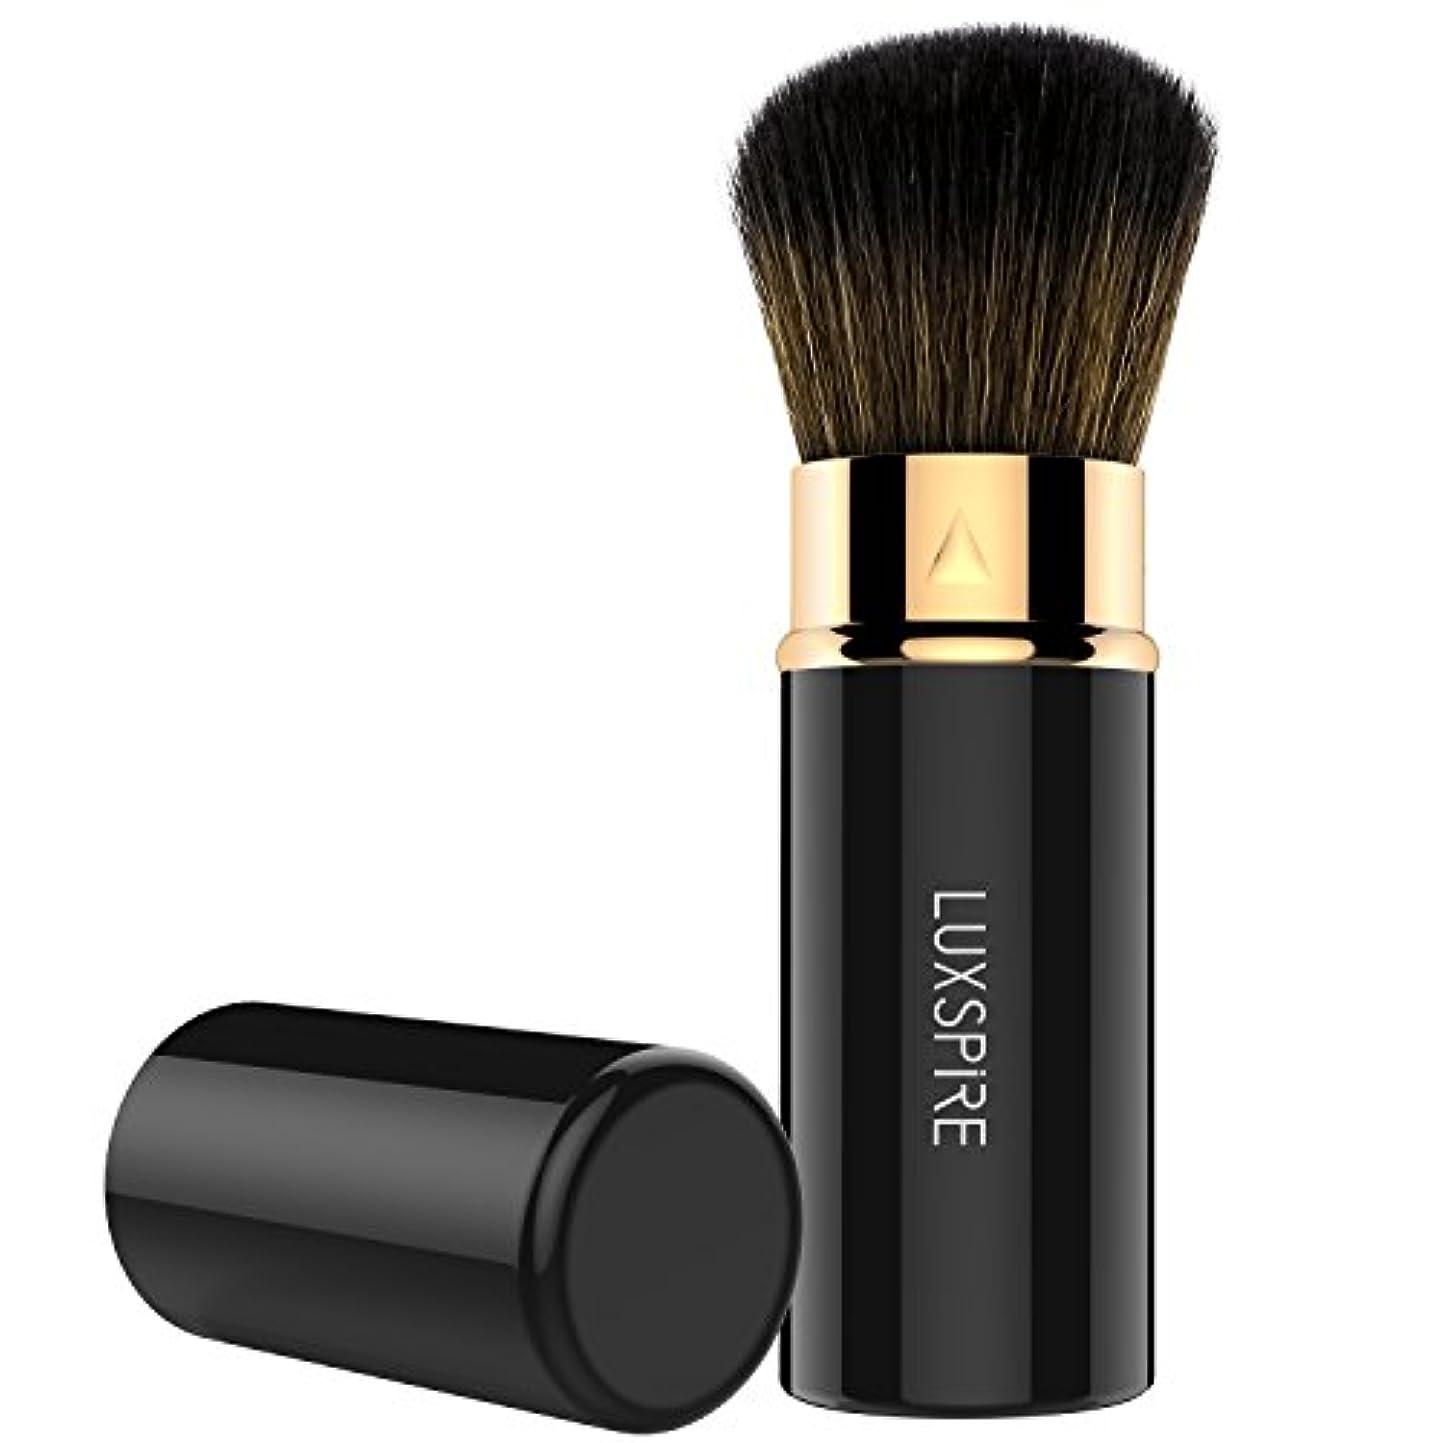 敬意を表して保持運搬ファンデーションブラシ - Luxspire メイクブラシ 伸縮可能 防塵でき 化粧筆 コスメブラシ 繊細な人工毛 毛質やわらかい 肌に優しい